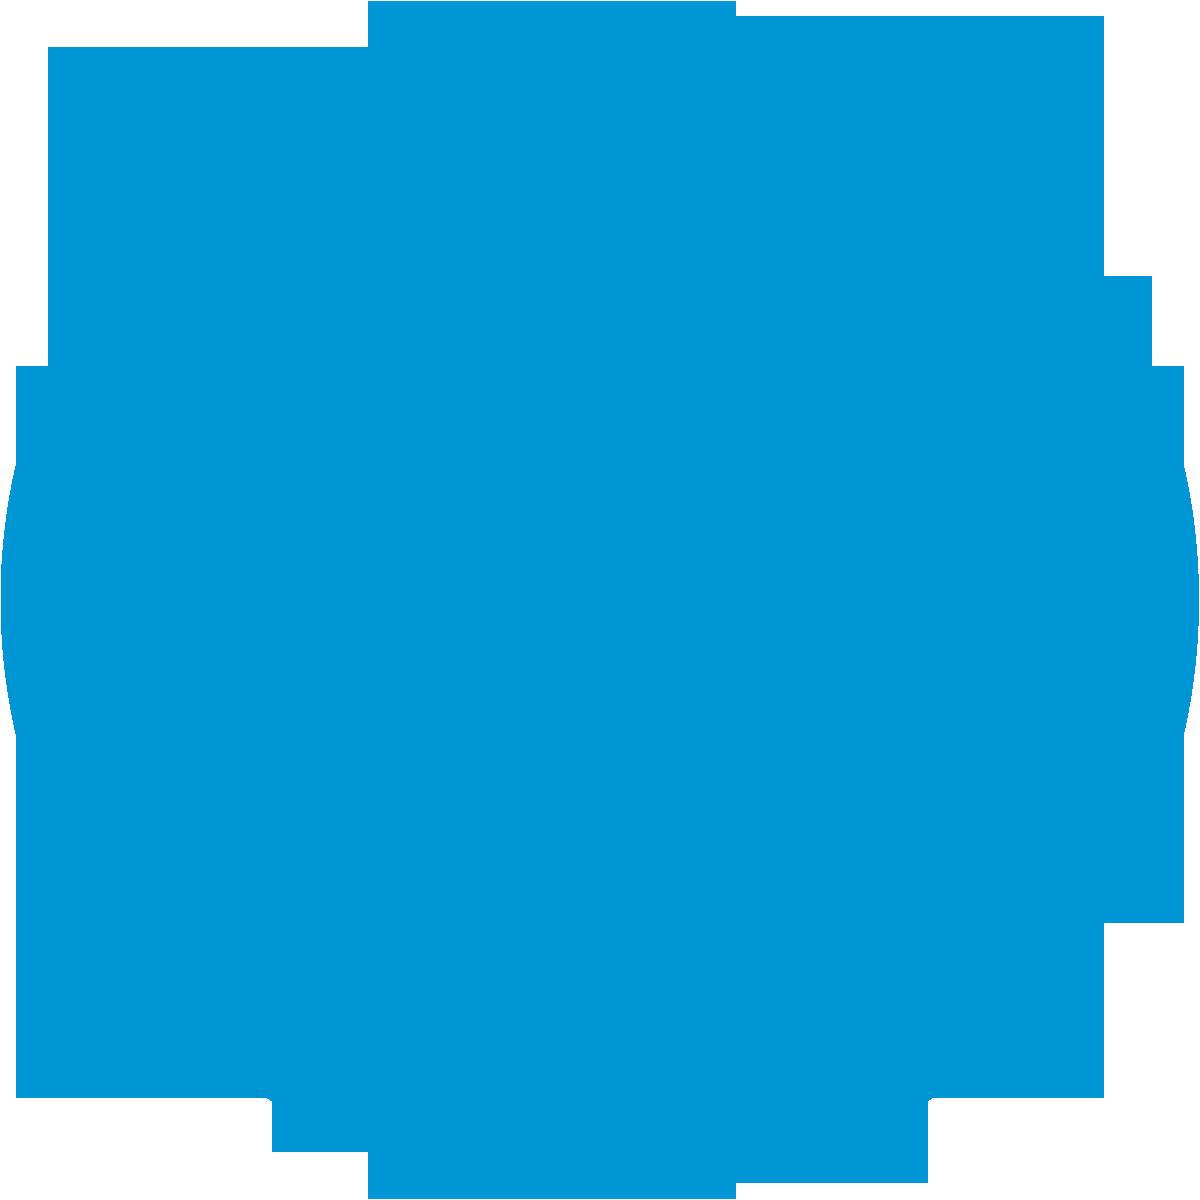 HP_Blue_RGB_150_MX.png